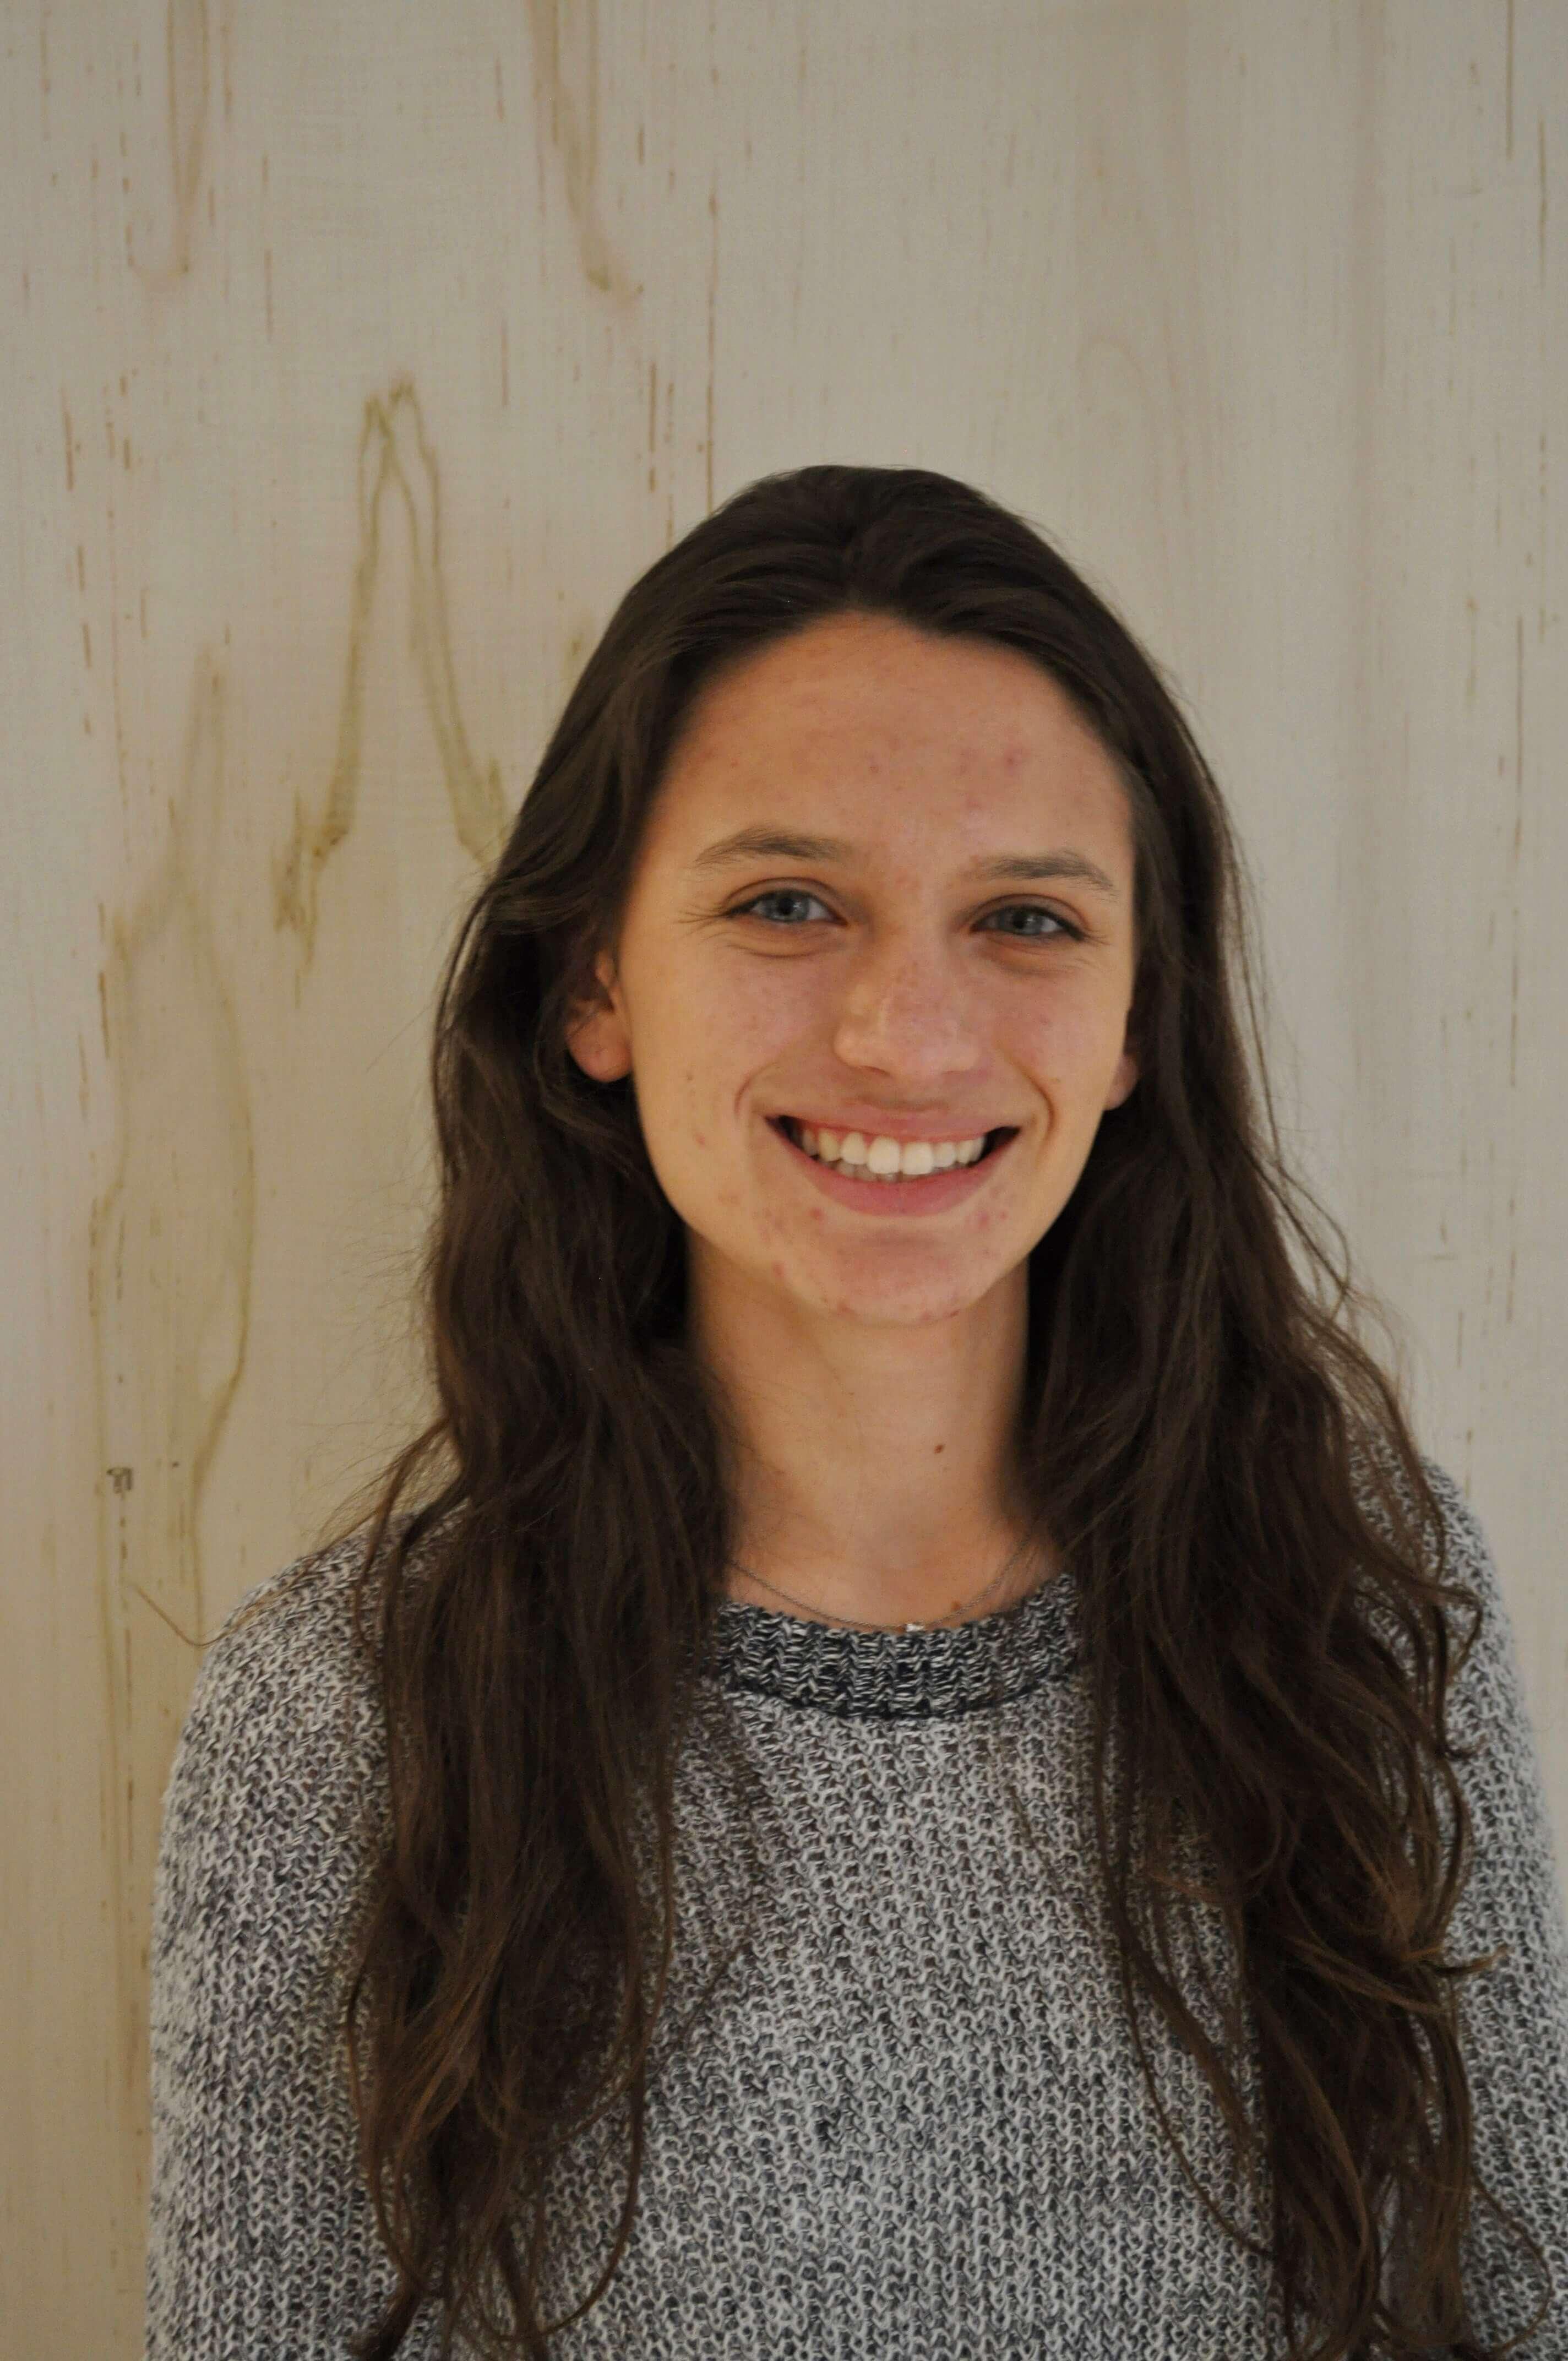 Samantha Wiener